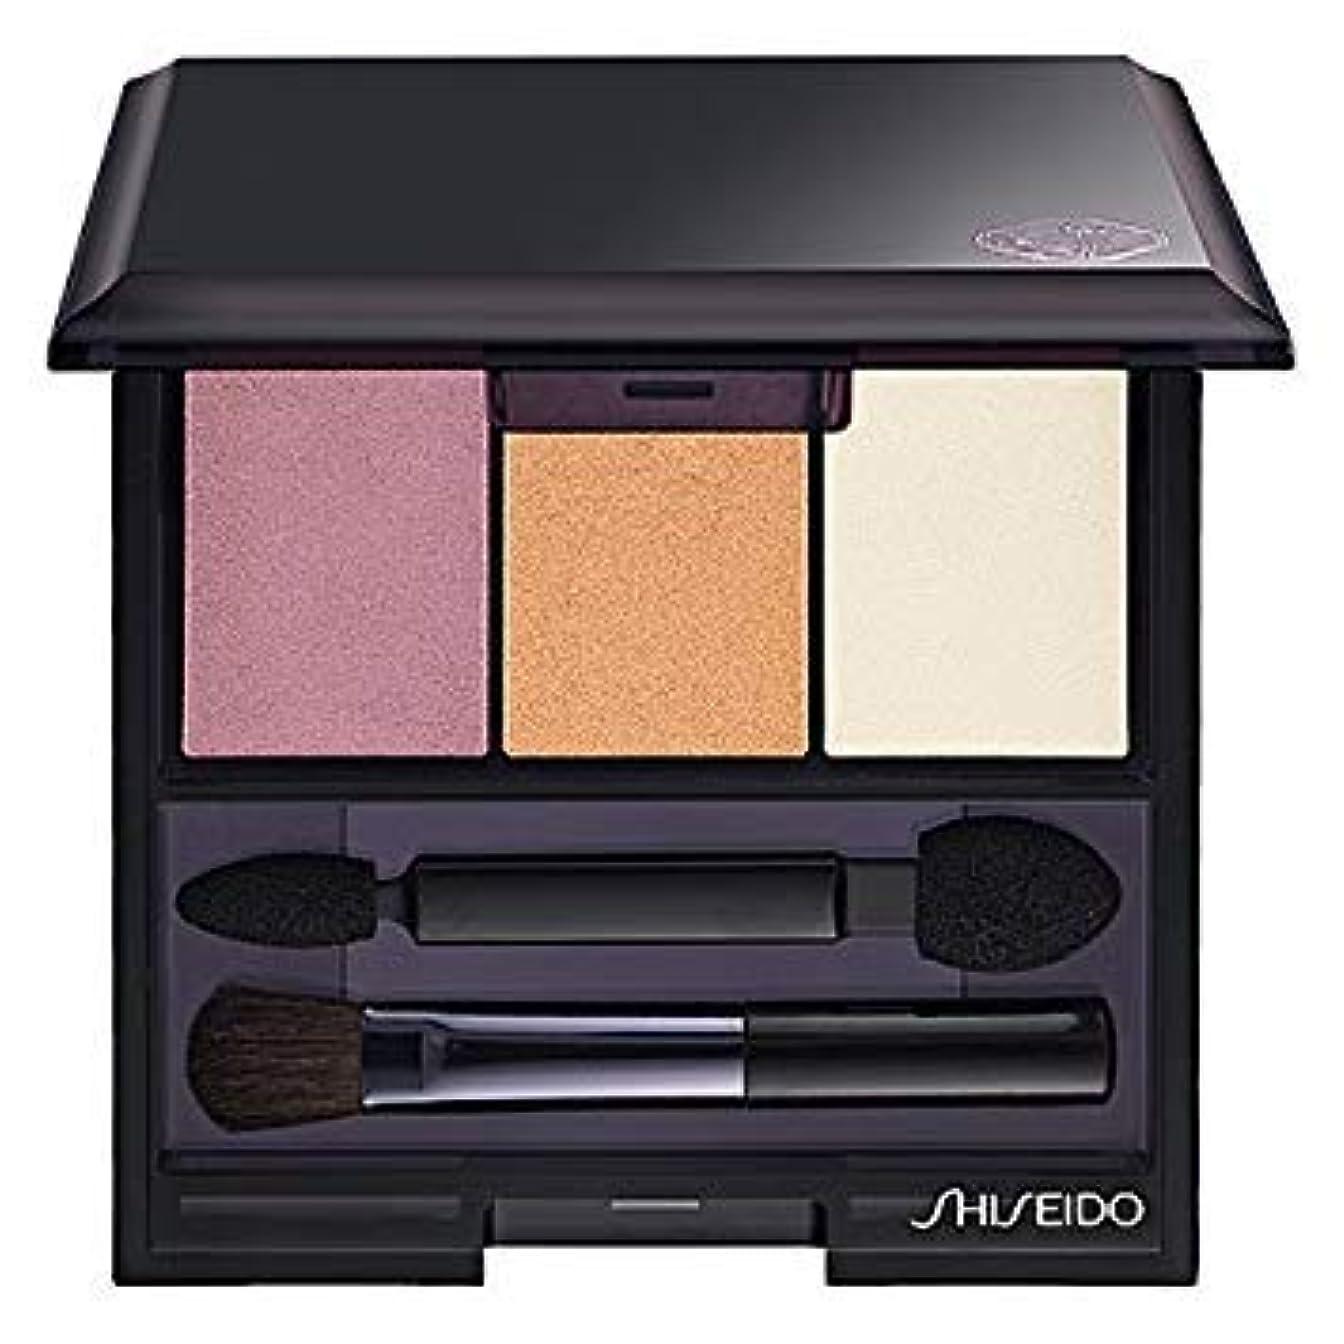 することになっているテニス気楽な資生堂 ルミナイジング サテン アイカラー トリオ RD299(Shiseido Luminizing Satin Eye Color Trio RD299) [並行輸入品]